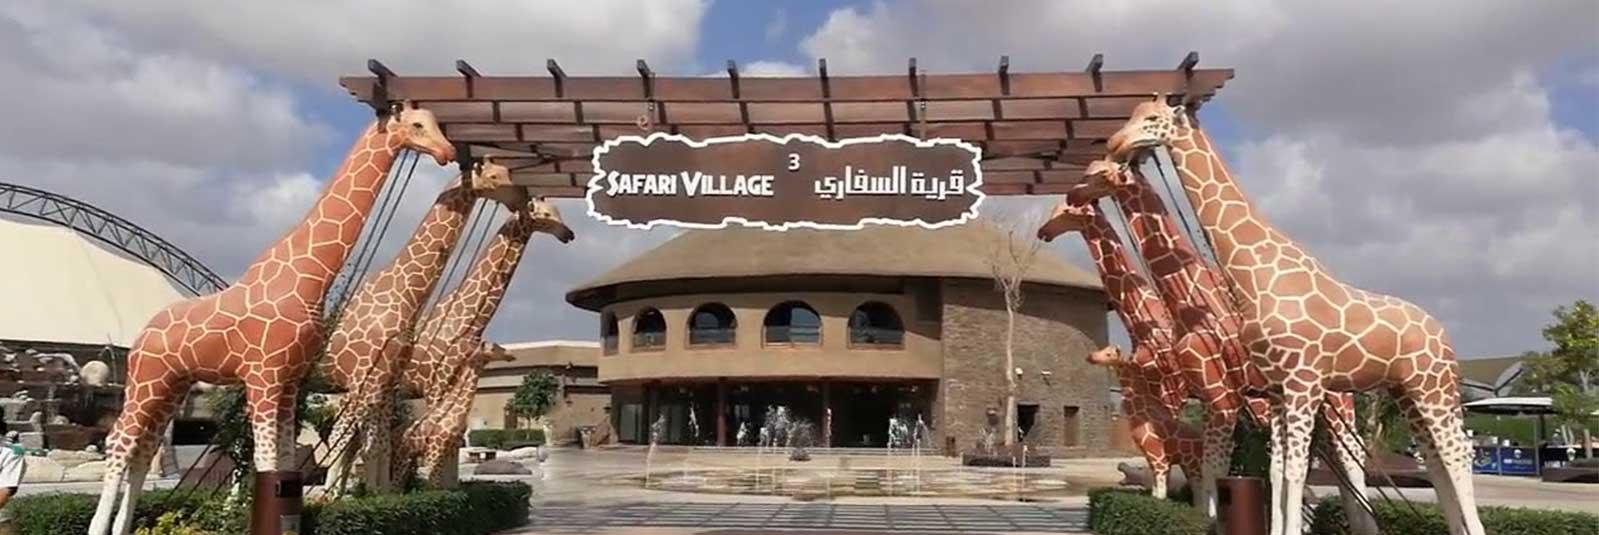 Dubai-Safari-Parks